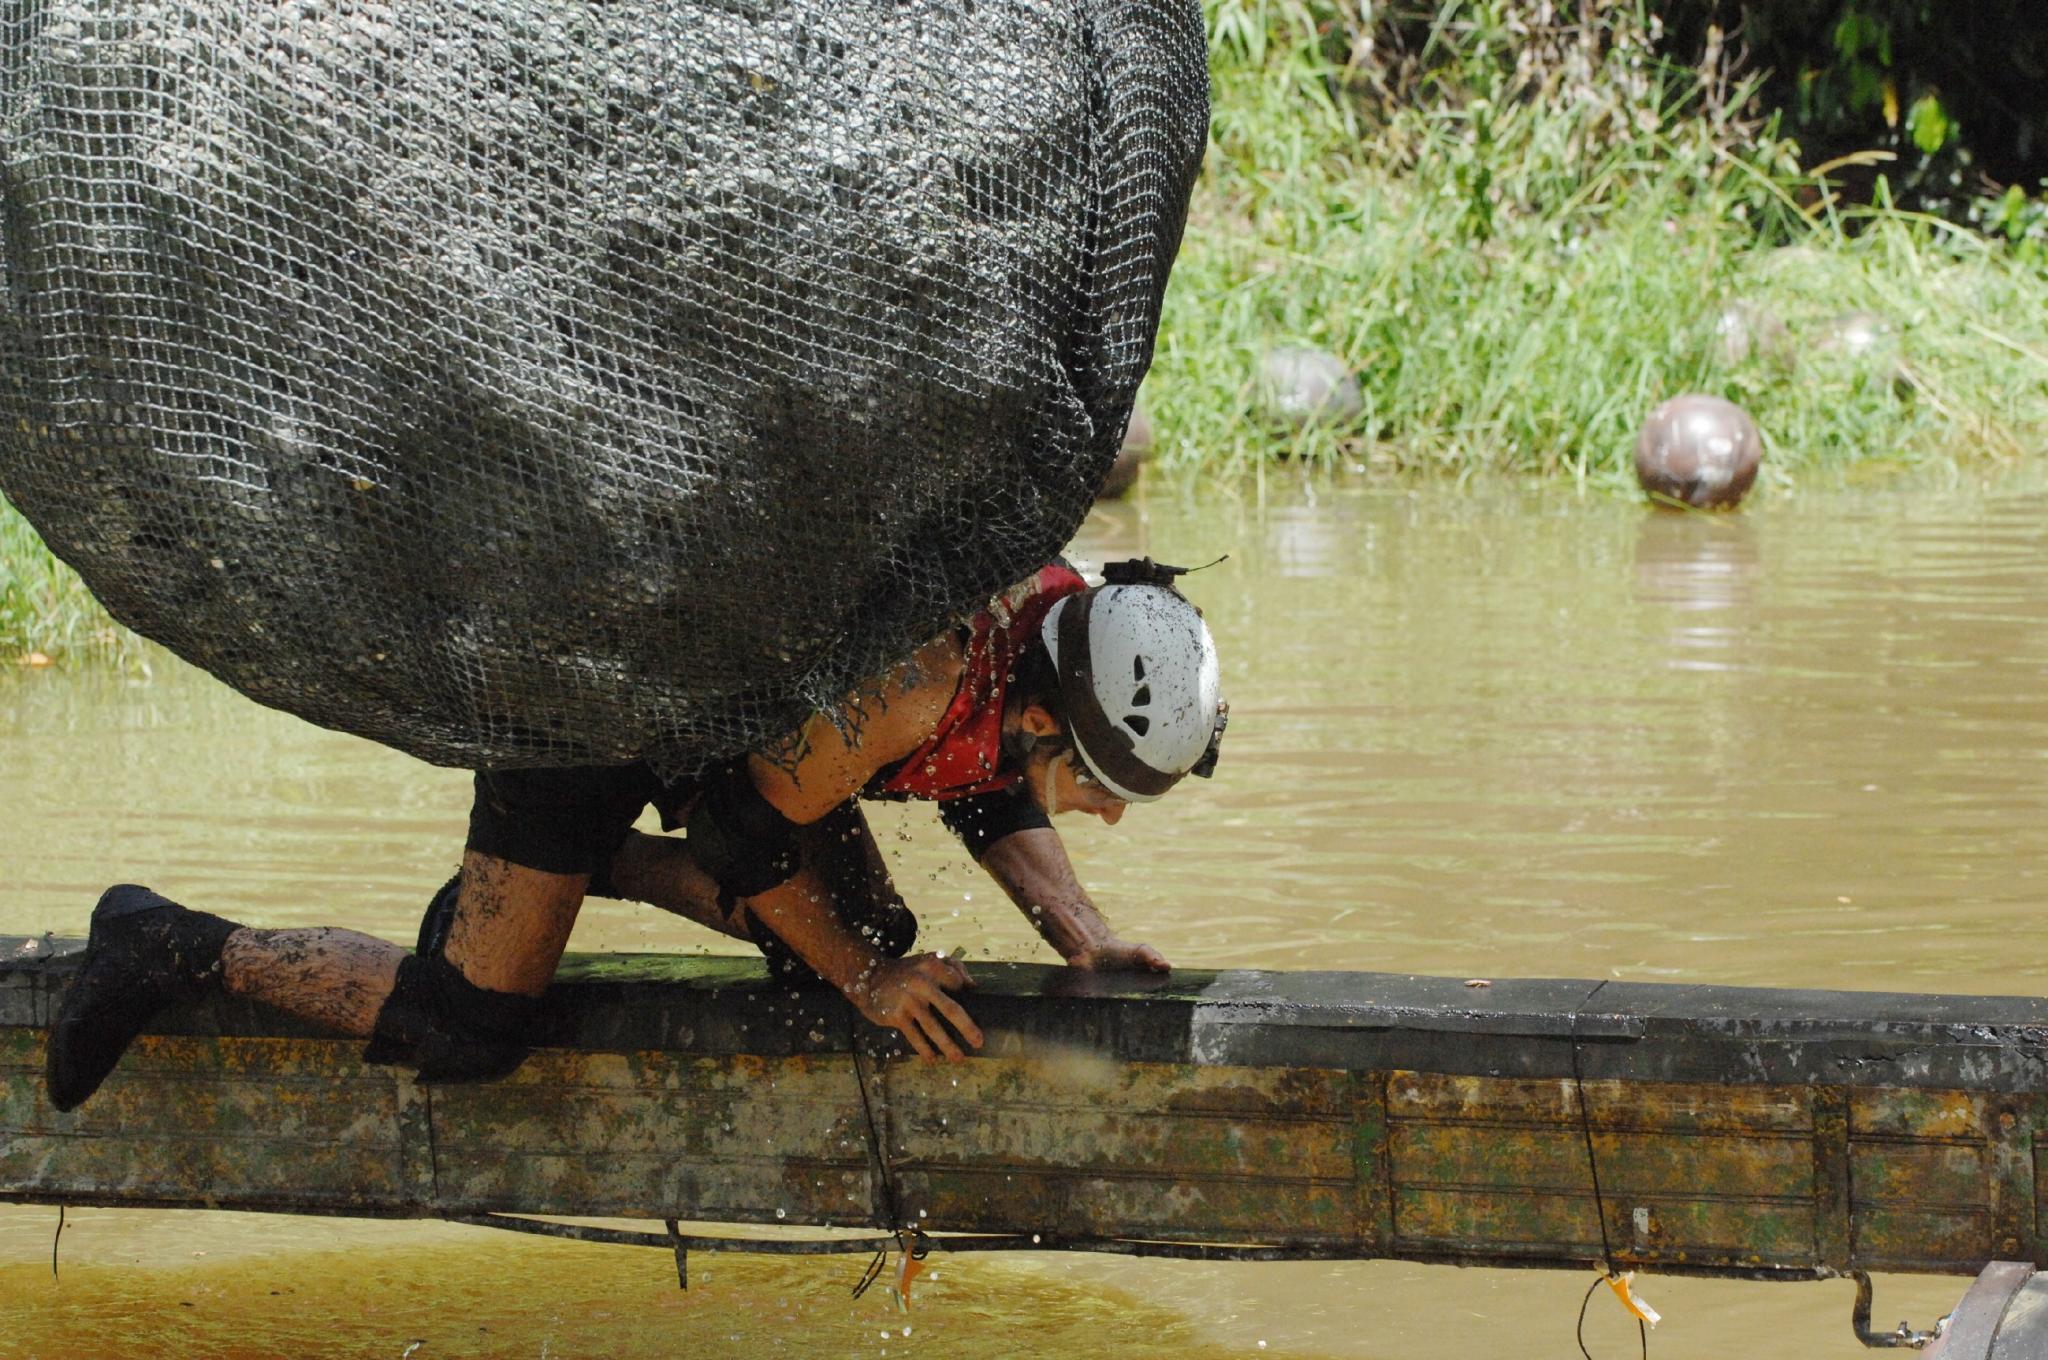 Jörn muss über einen wackligen Steg balancieren und dabei einem Felsbrocken ausweichen.